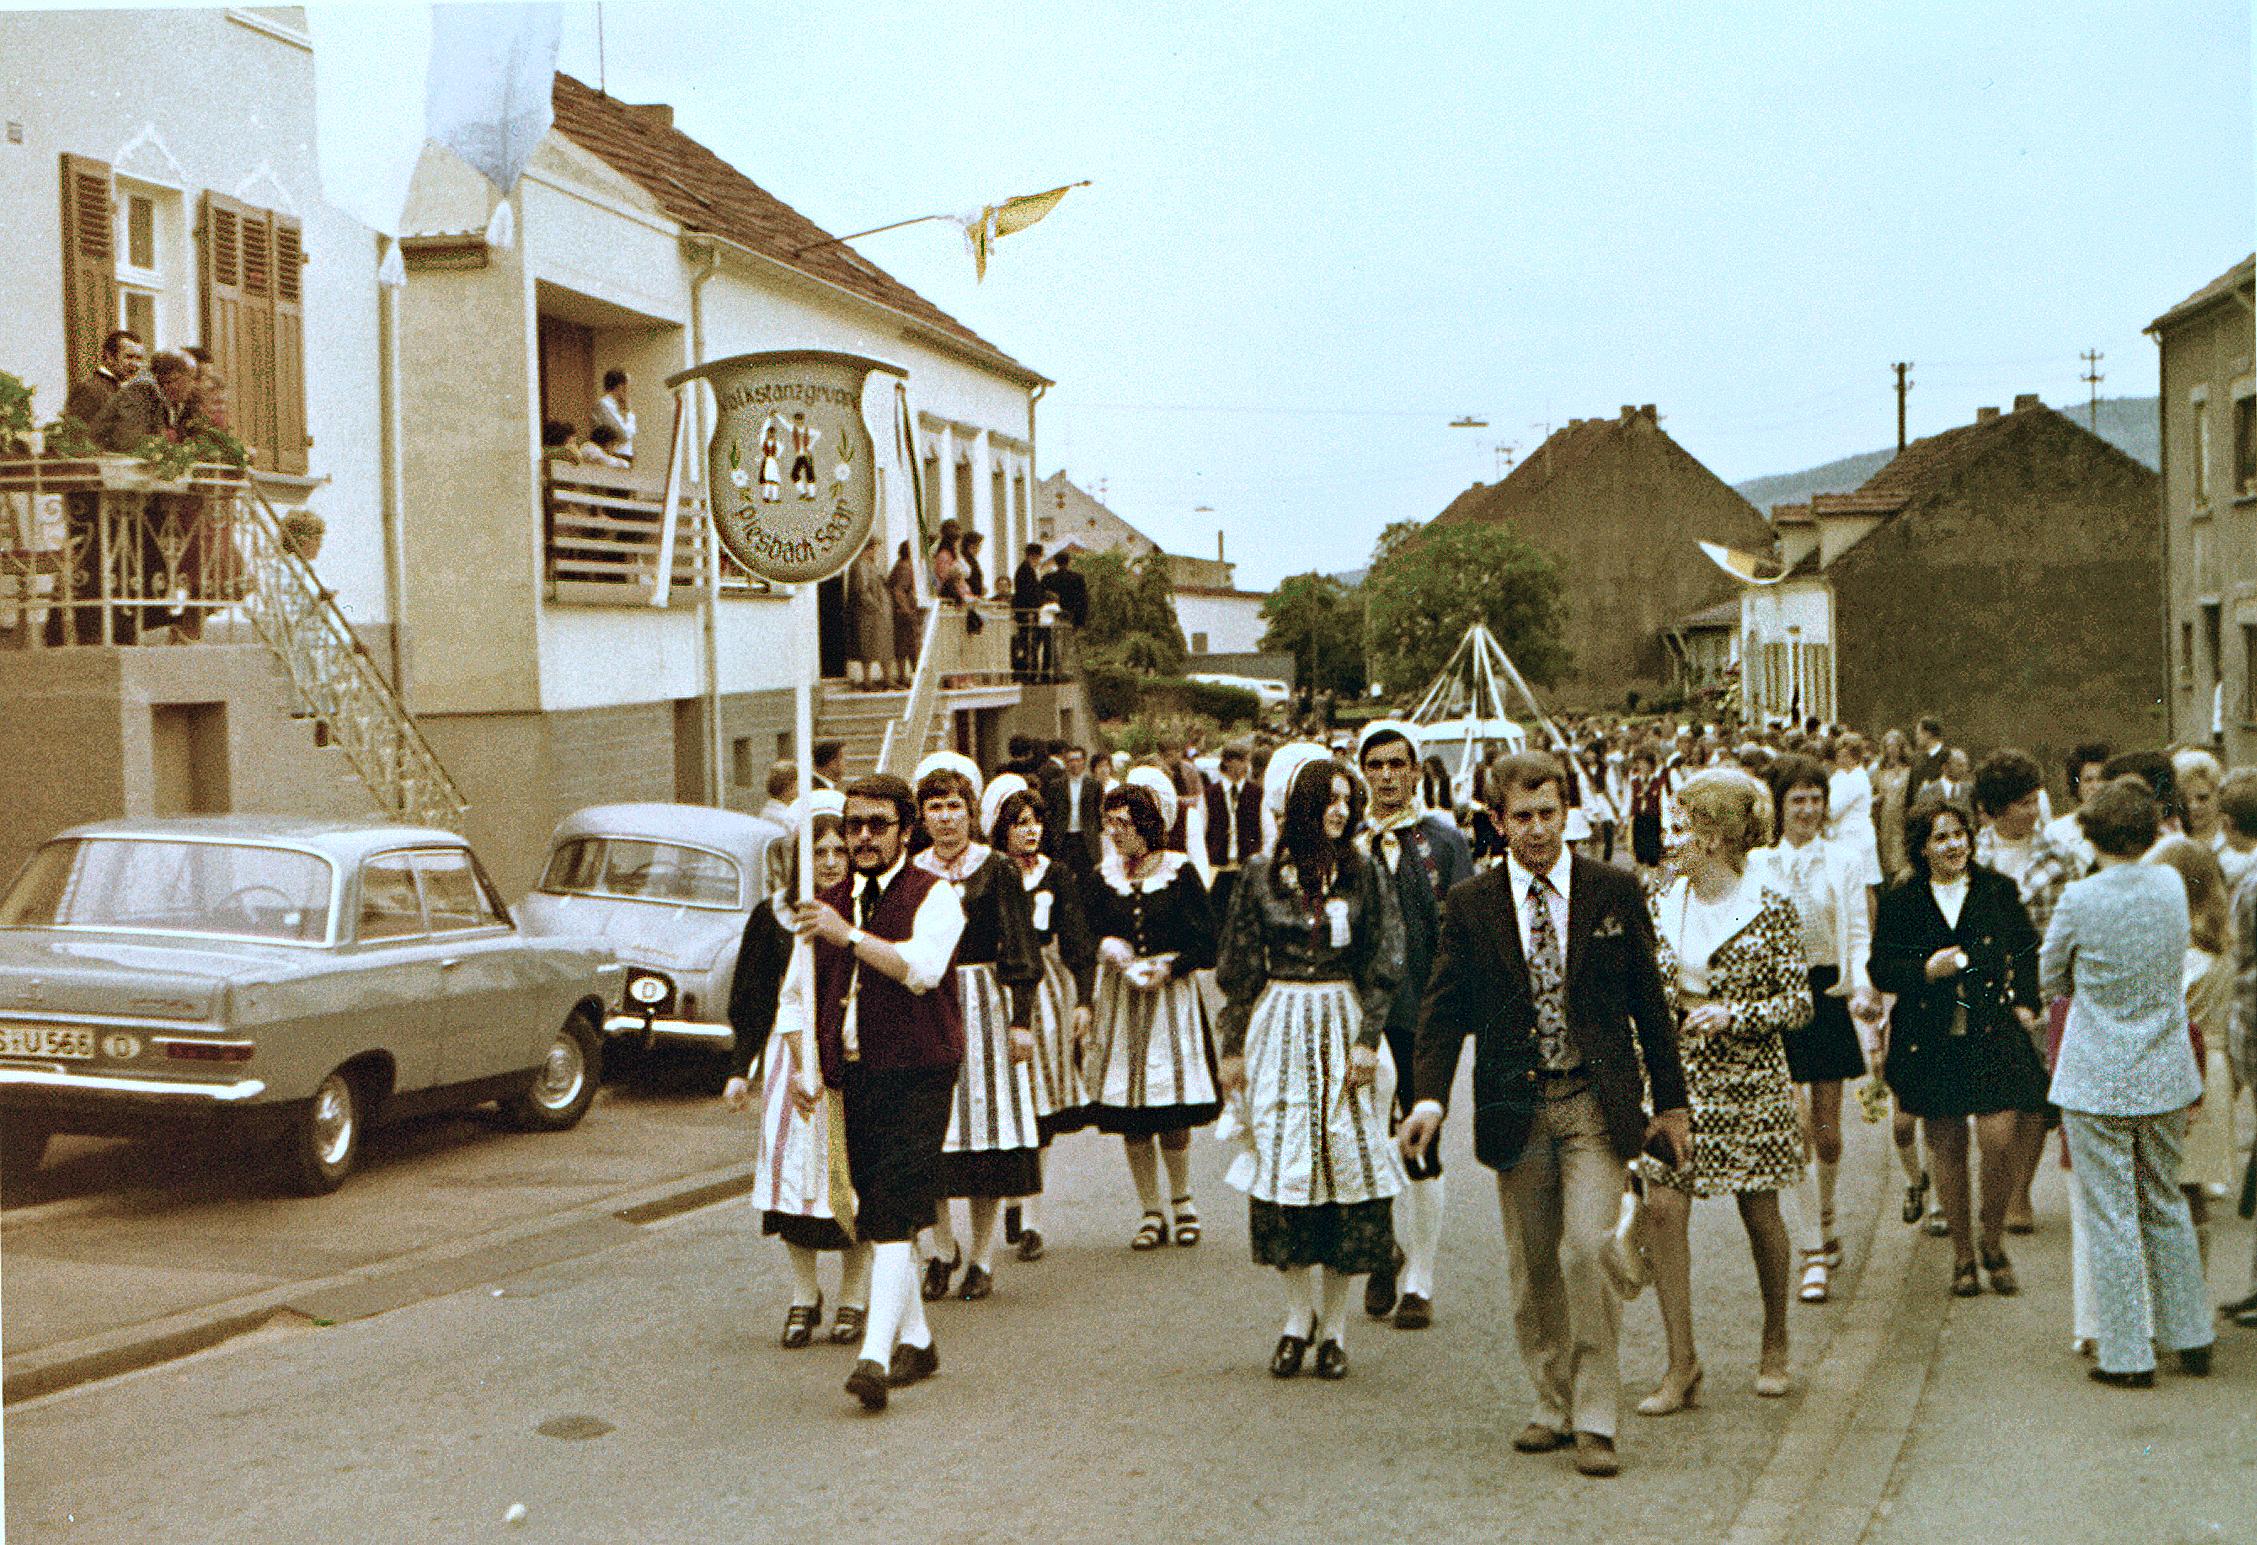 Trachtenfest '79